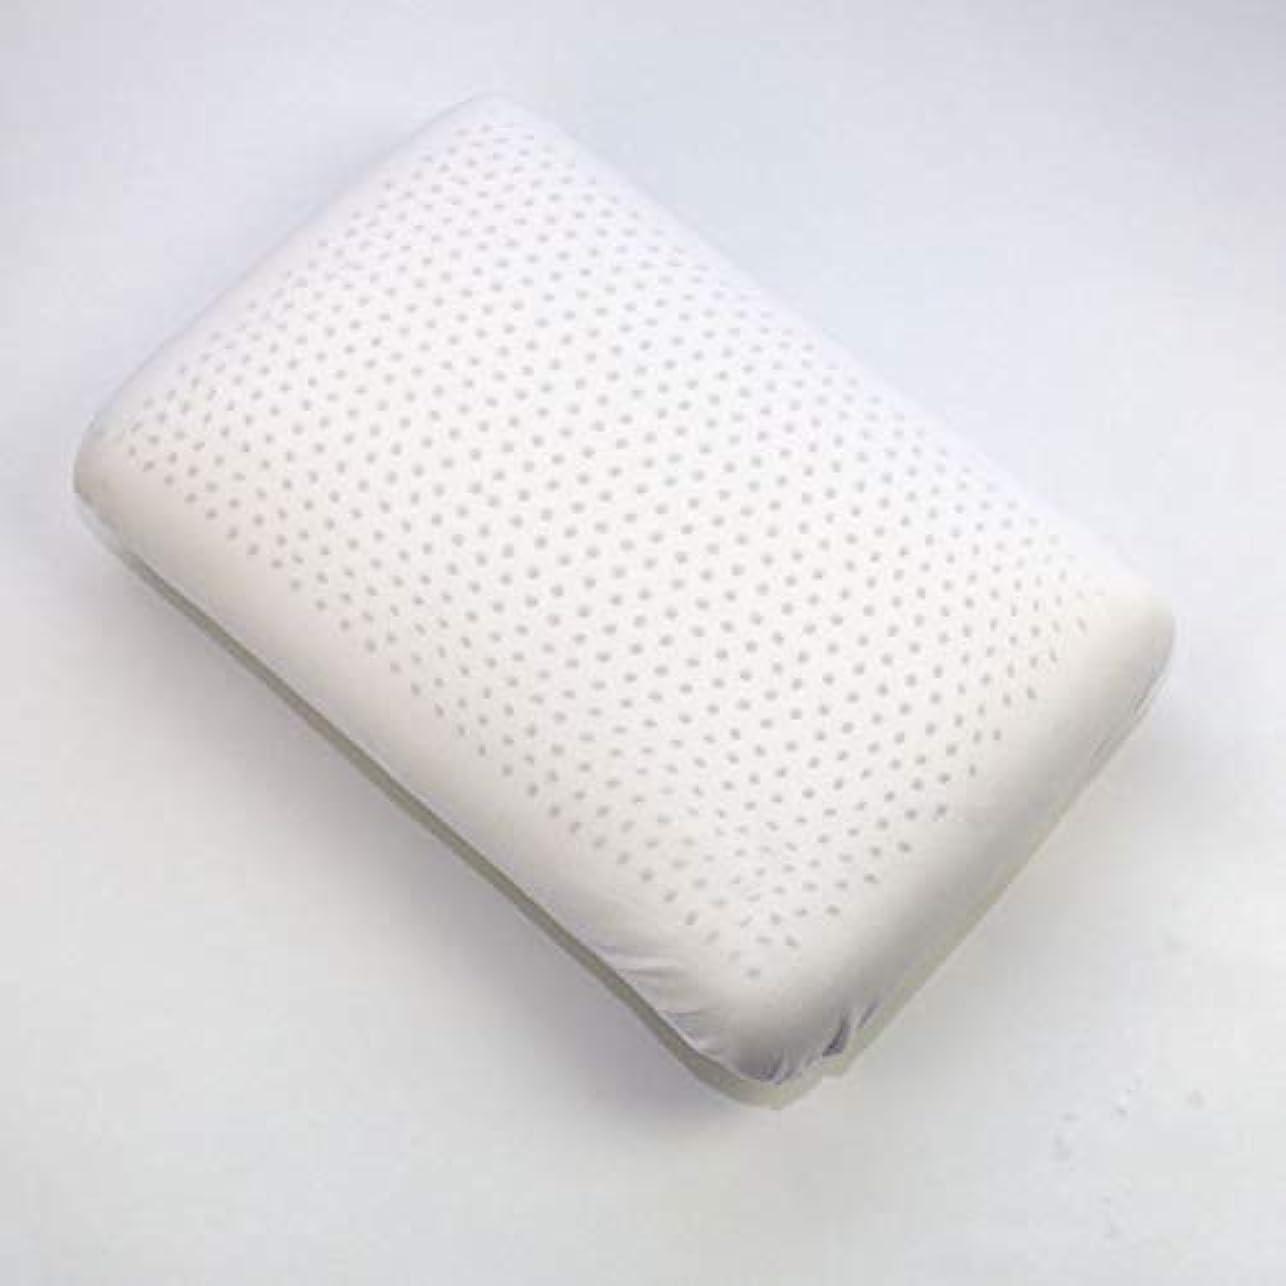 あなたは銀河かかわらずNOTE GIANTEXラテックスピロー睡眠のためのマッサージ枕整形外科の枕kussens Oreiller Almohada頚椎Poduszkapメモリ枕